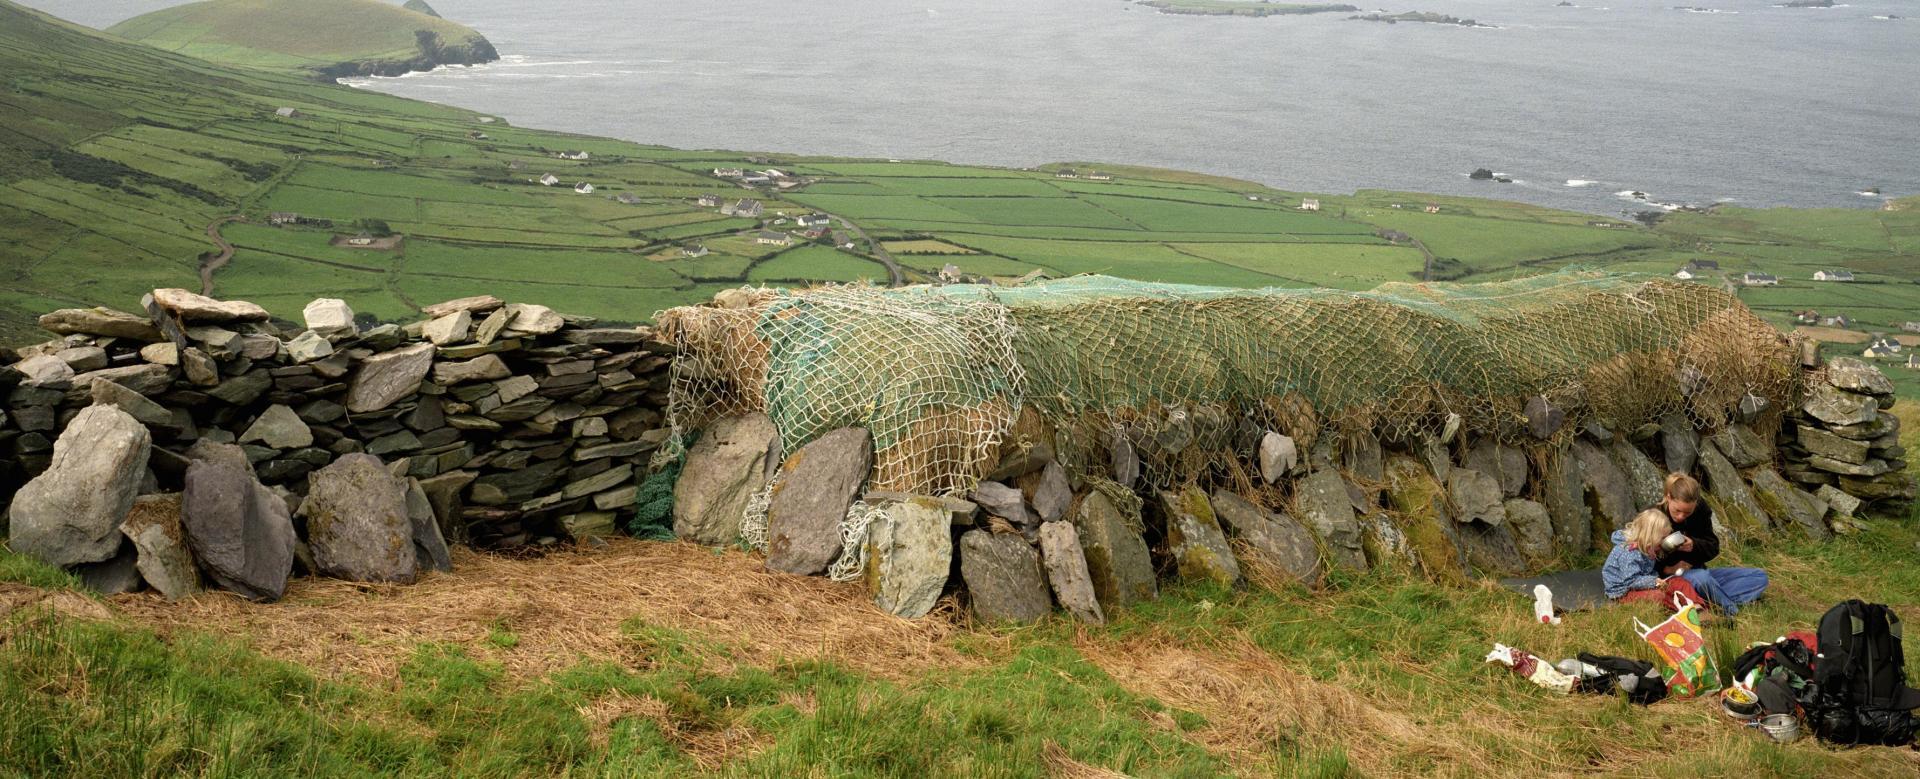 Voyage à pied Irlande : Iles et légendes celtes